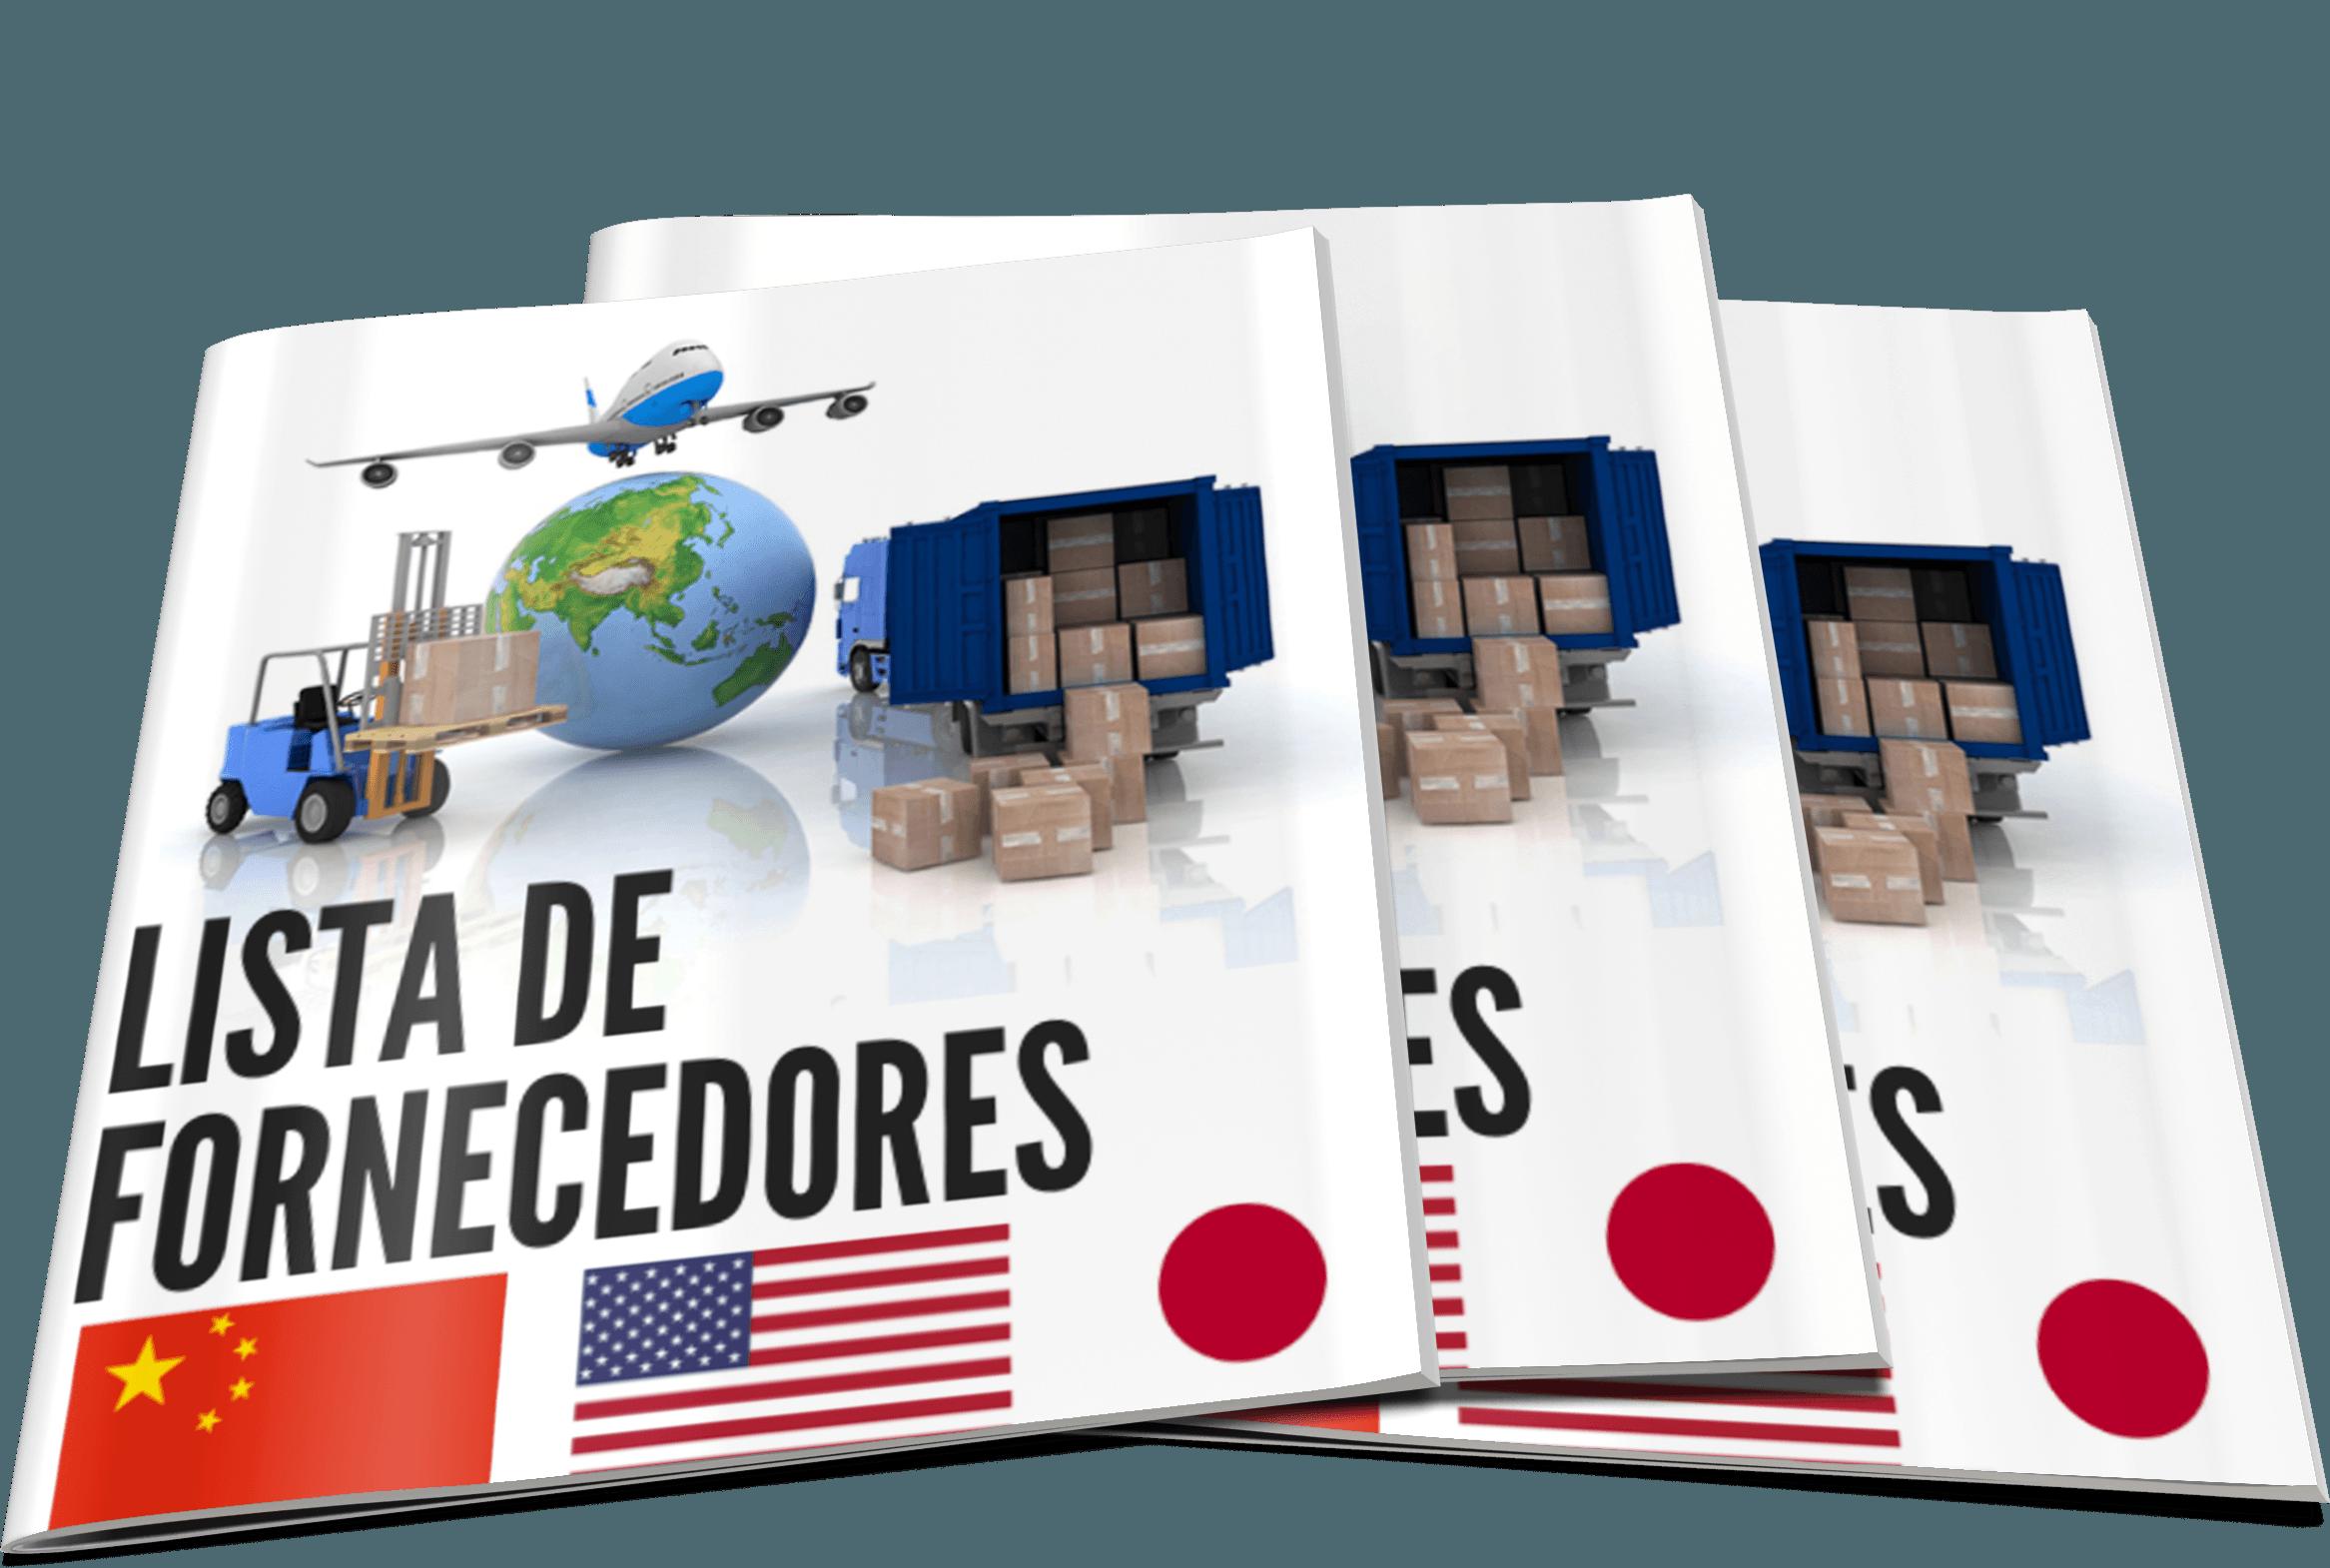 LISTA DE FORNECEDORES